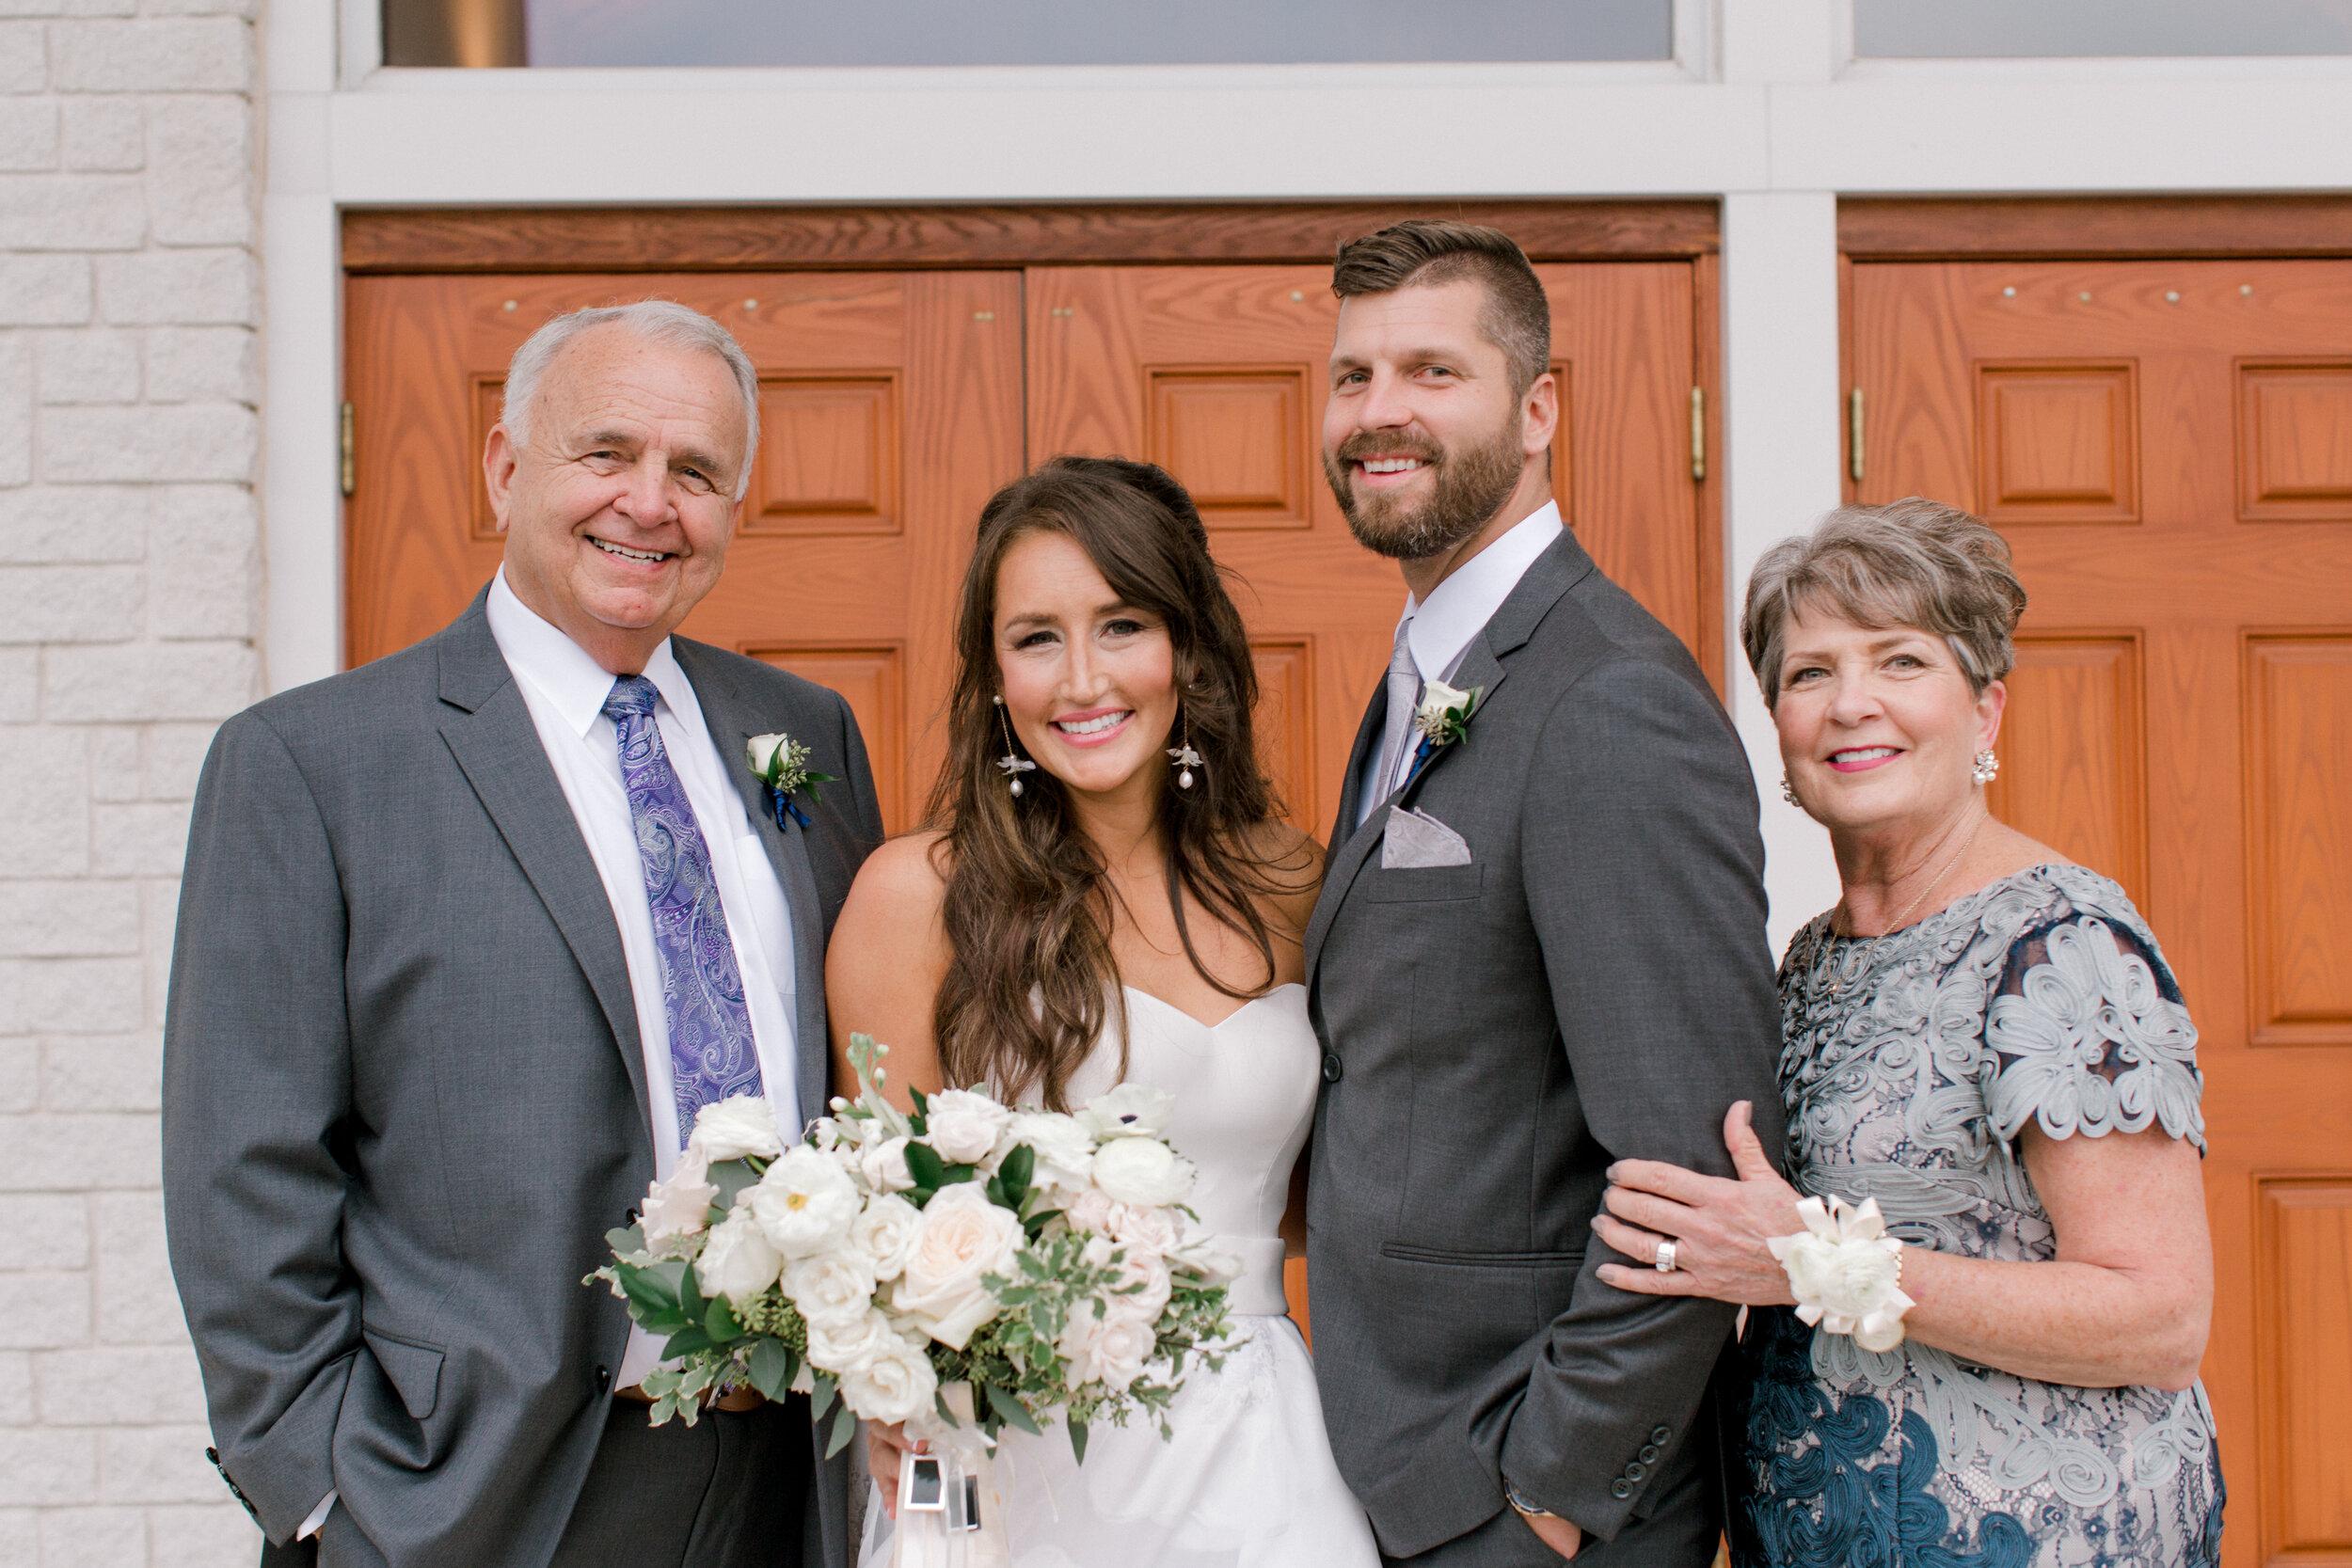 Kuiper+Wedding+Family-42.jpg